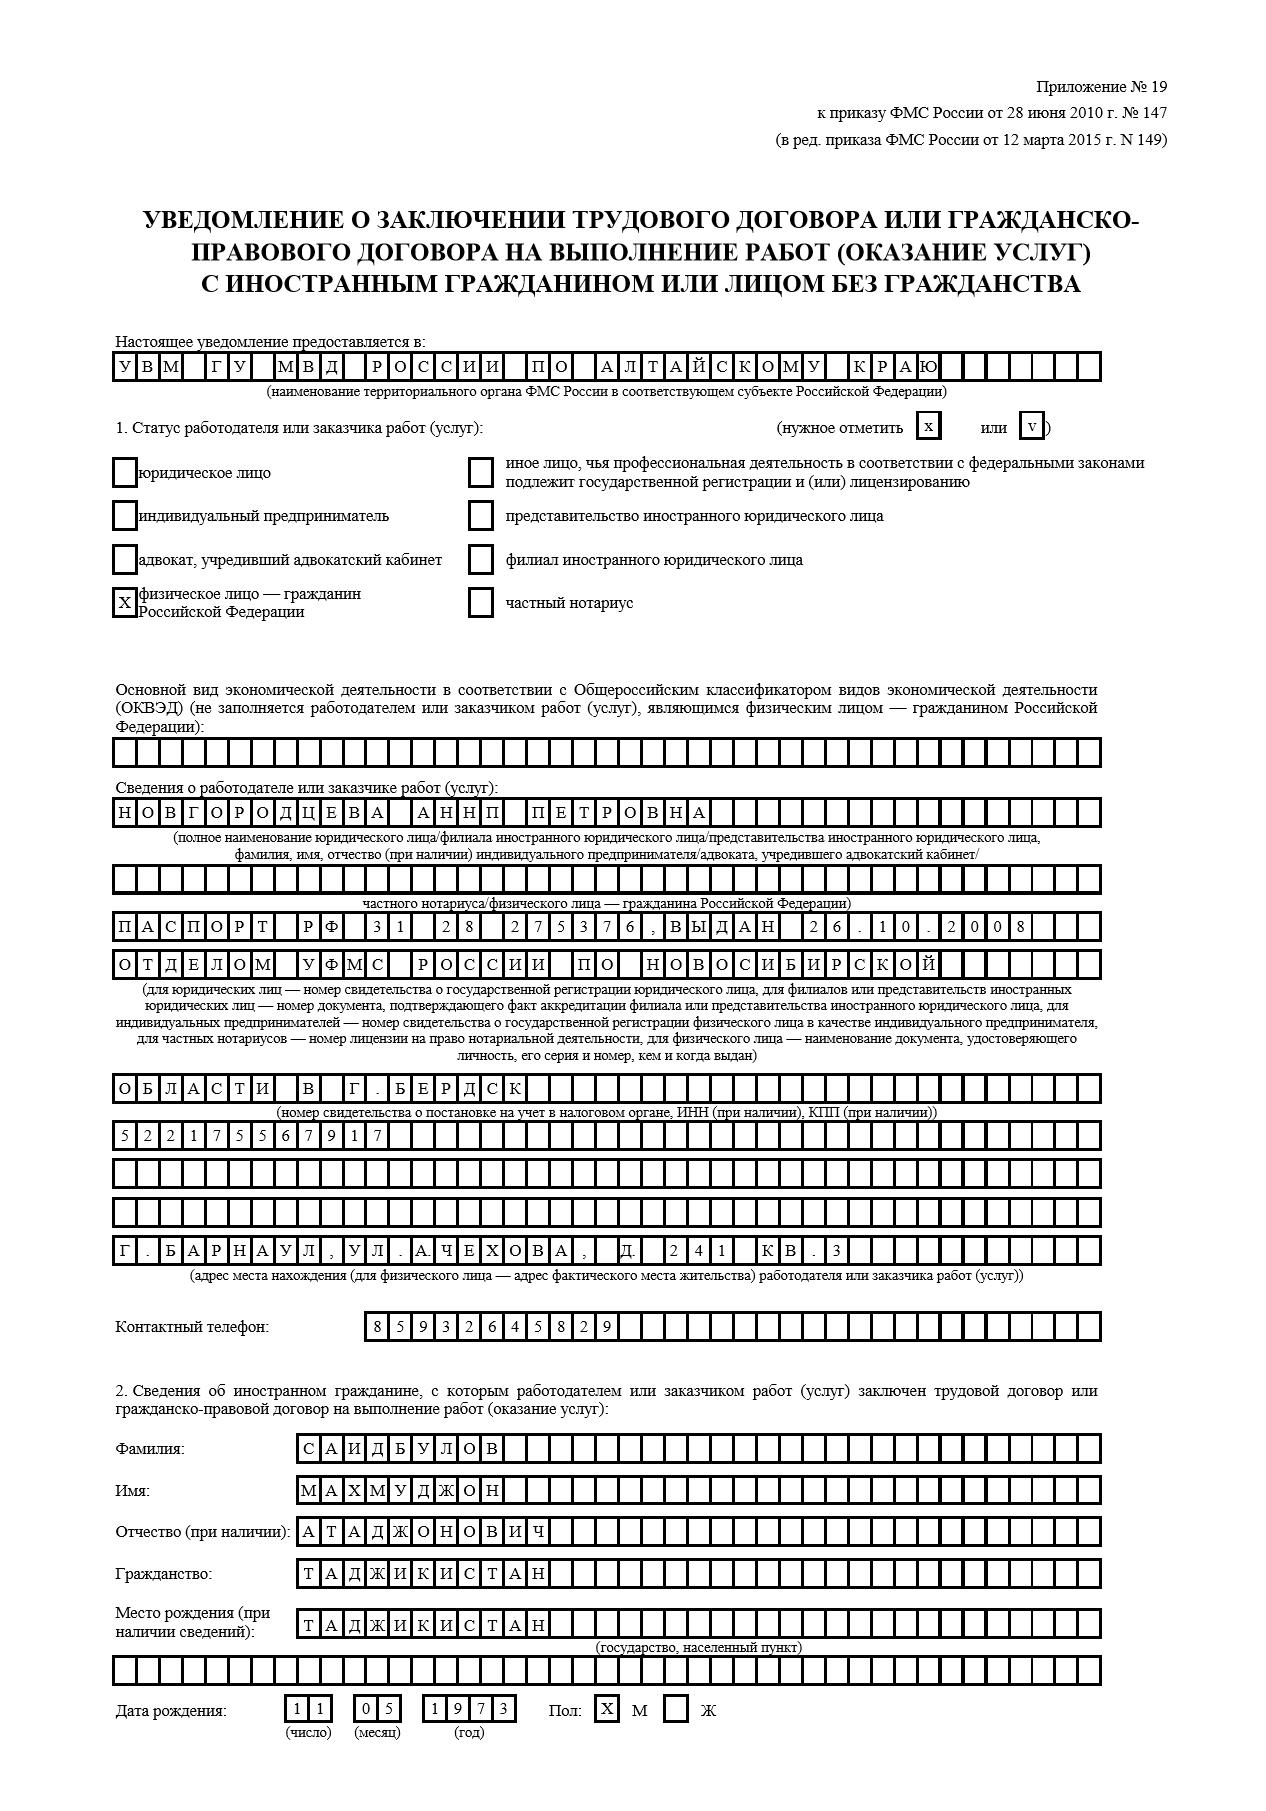 график уборки в детском саду по санпин образец